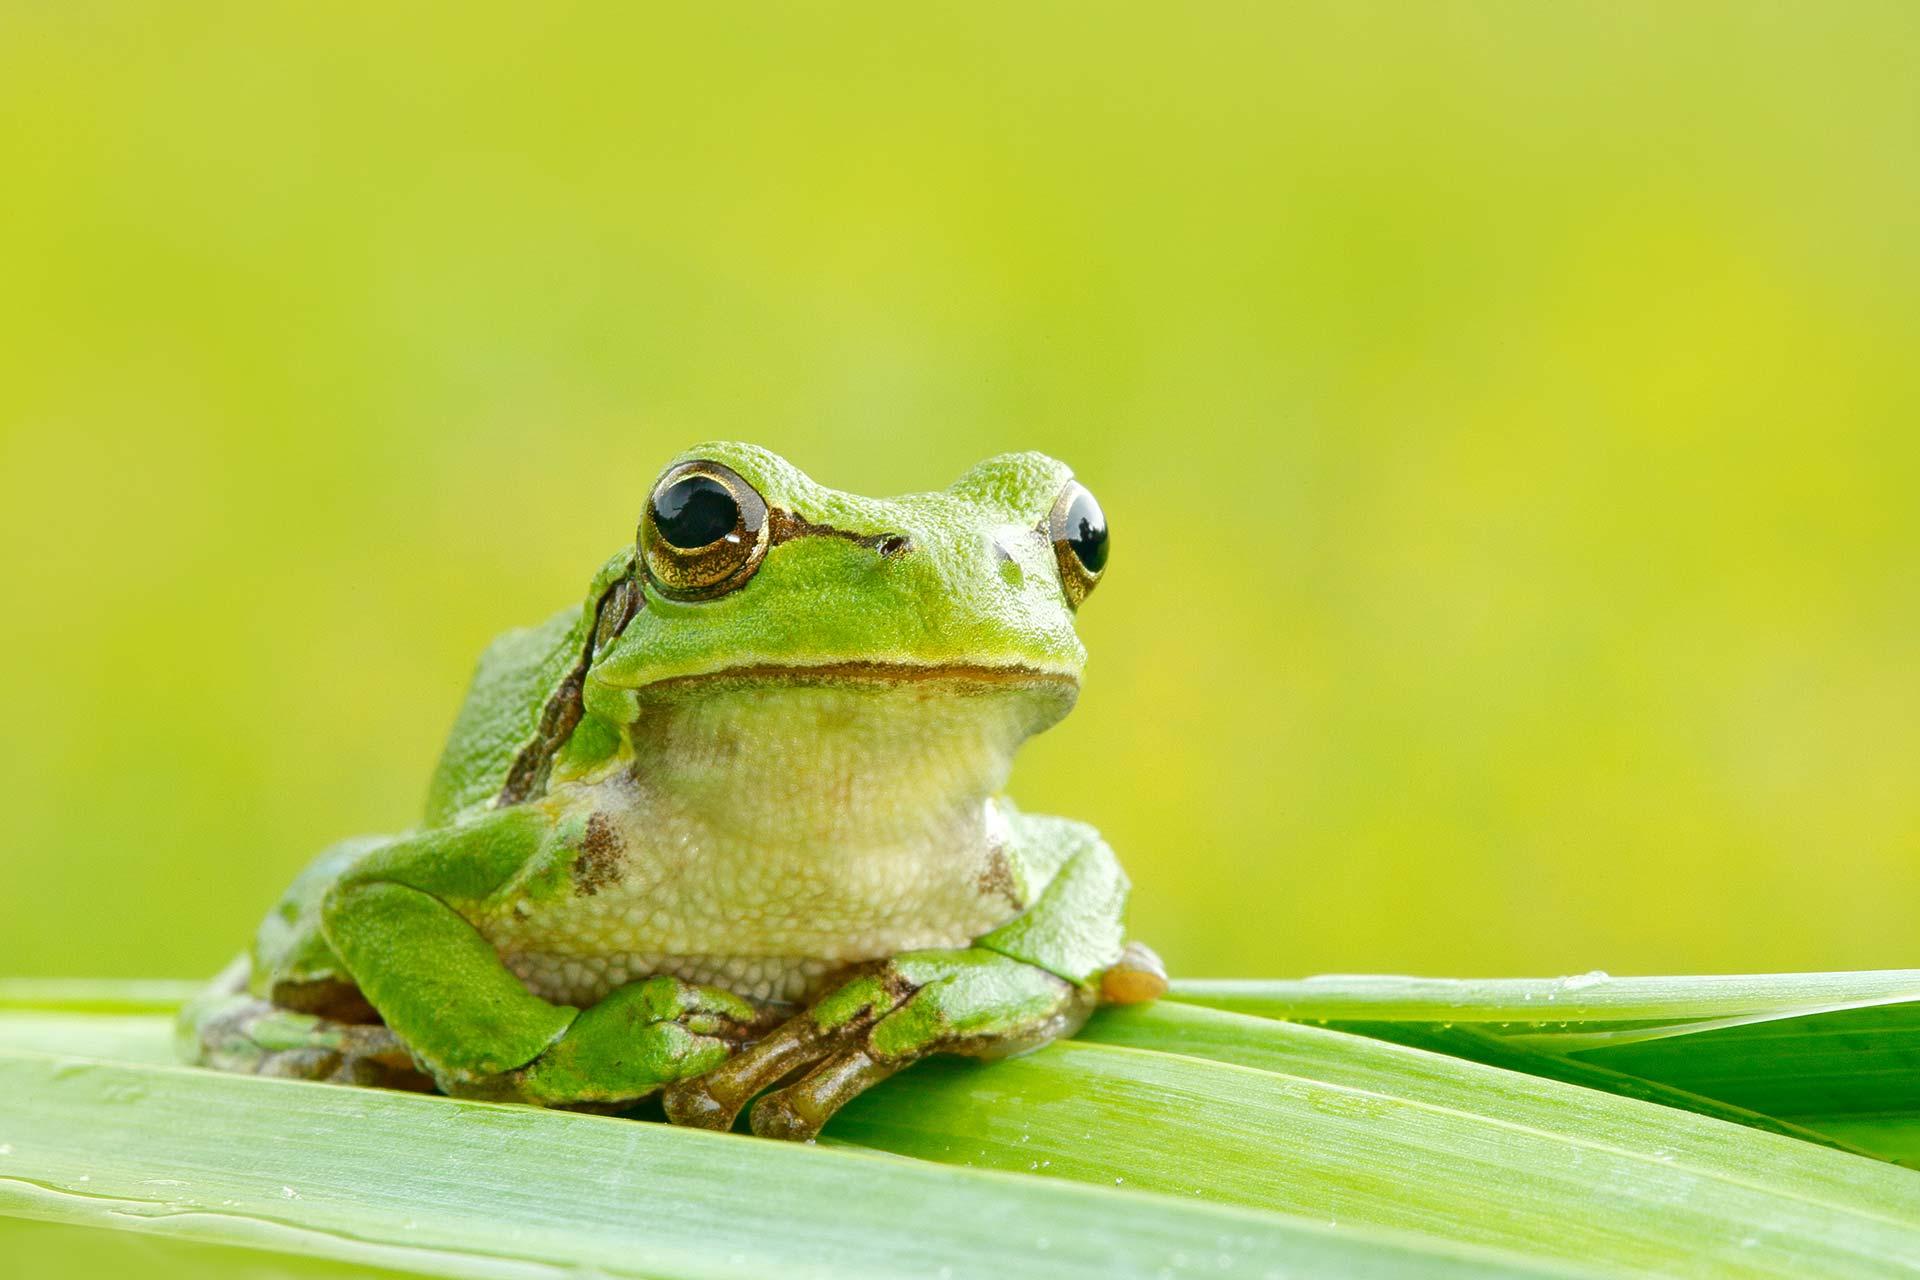 Umweltschutz - Europäischer Laubfrosch sitzt auf einem Blatt